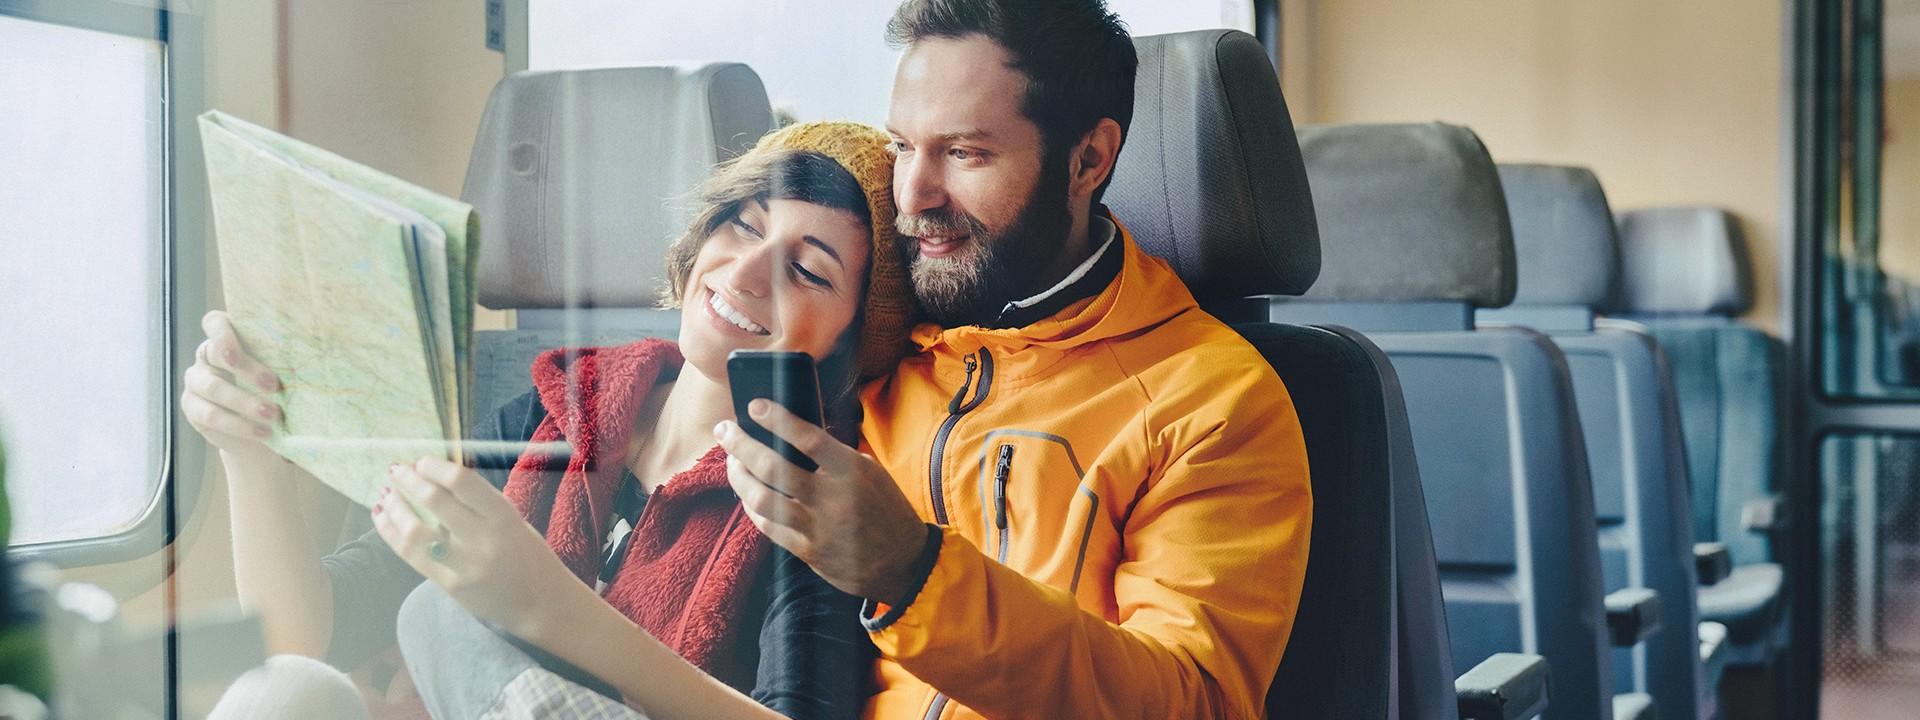 Reisendes Paar sitzt lächelnd im Zug und studiert die Route per Karte und Smartphone.